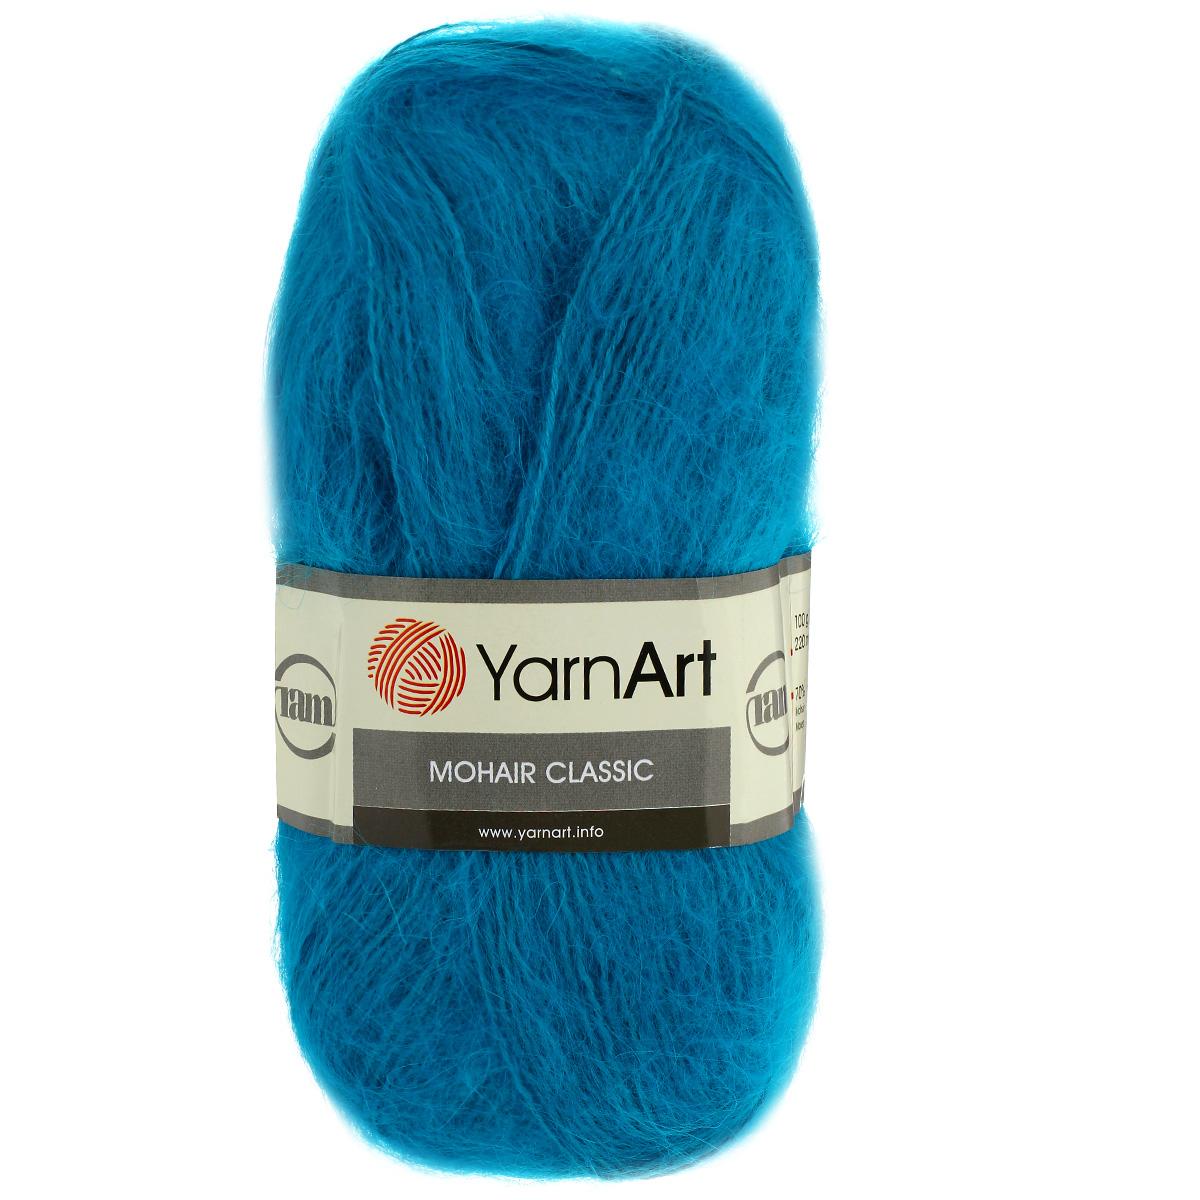 Пряжа для вязания YarnArt Mohair Classic, цвет: бирюзовый (106), 220 м, 100 г, 5 шт372026_106Пряжа для вязания YarnArt Mohair Classic изготовлена из натурального мохера с добавлением акрила. Пряжа из такого материала обладает повышенной прочностью и эластичностью, а изделия получаются теплые и уютные. Скрутка нити плотная, равномерная, не расслаивается, не путается, хорошо скользит по спицам, вяжется очень легко. Петли выглядят аккуратно, а натуральный мохер обеспечивает теплоту, легкость и превосходный внешний вид. Нить можно комбинировать с полушерстяными пряжами для смягчения рисунка, придания благородной пушистости фактуре нити, а также для улучшения тепловых характеристик. Пряжа прекрасно подходит для создания зимних вещей: свитеров, кардиганов, жилетов, шапок, беретов, палантинов, шарфов, перчаток, варежек. Не колется и может использоваться для изготовления детской одежды. Благодаря содержанию синтетических волокон, изделия из YarnArt Mohair Classic отлично держат форму, не вытягиваются, катышки не образуются, тонкая нить...